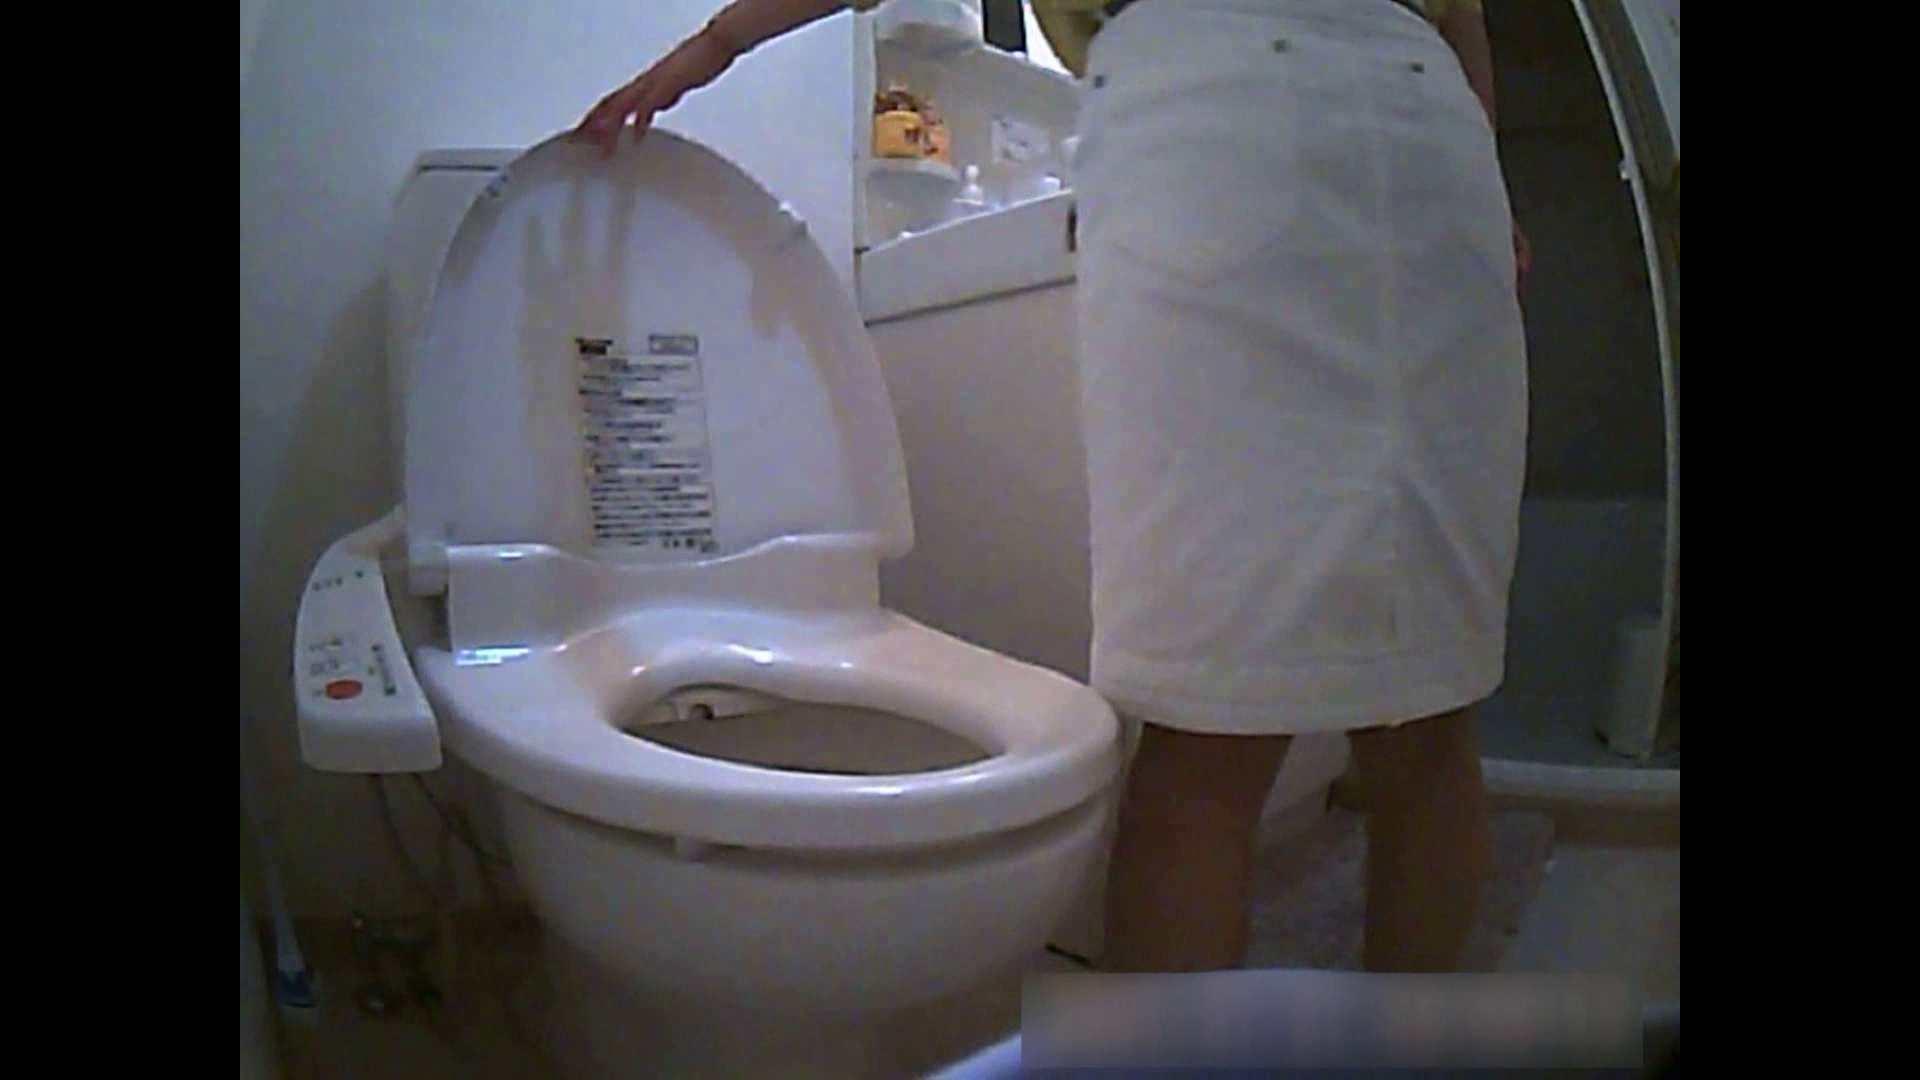 乳首大き目の24歳Y子 トイレ編 乳首コレクション | トイレ中  27連発